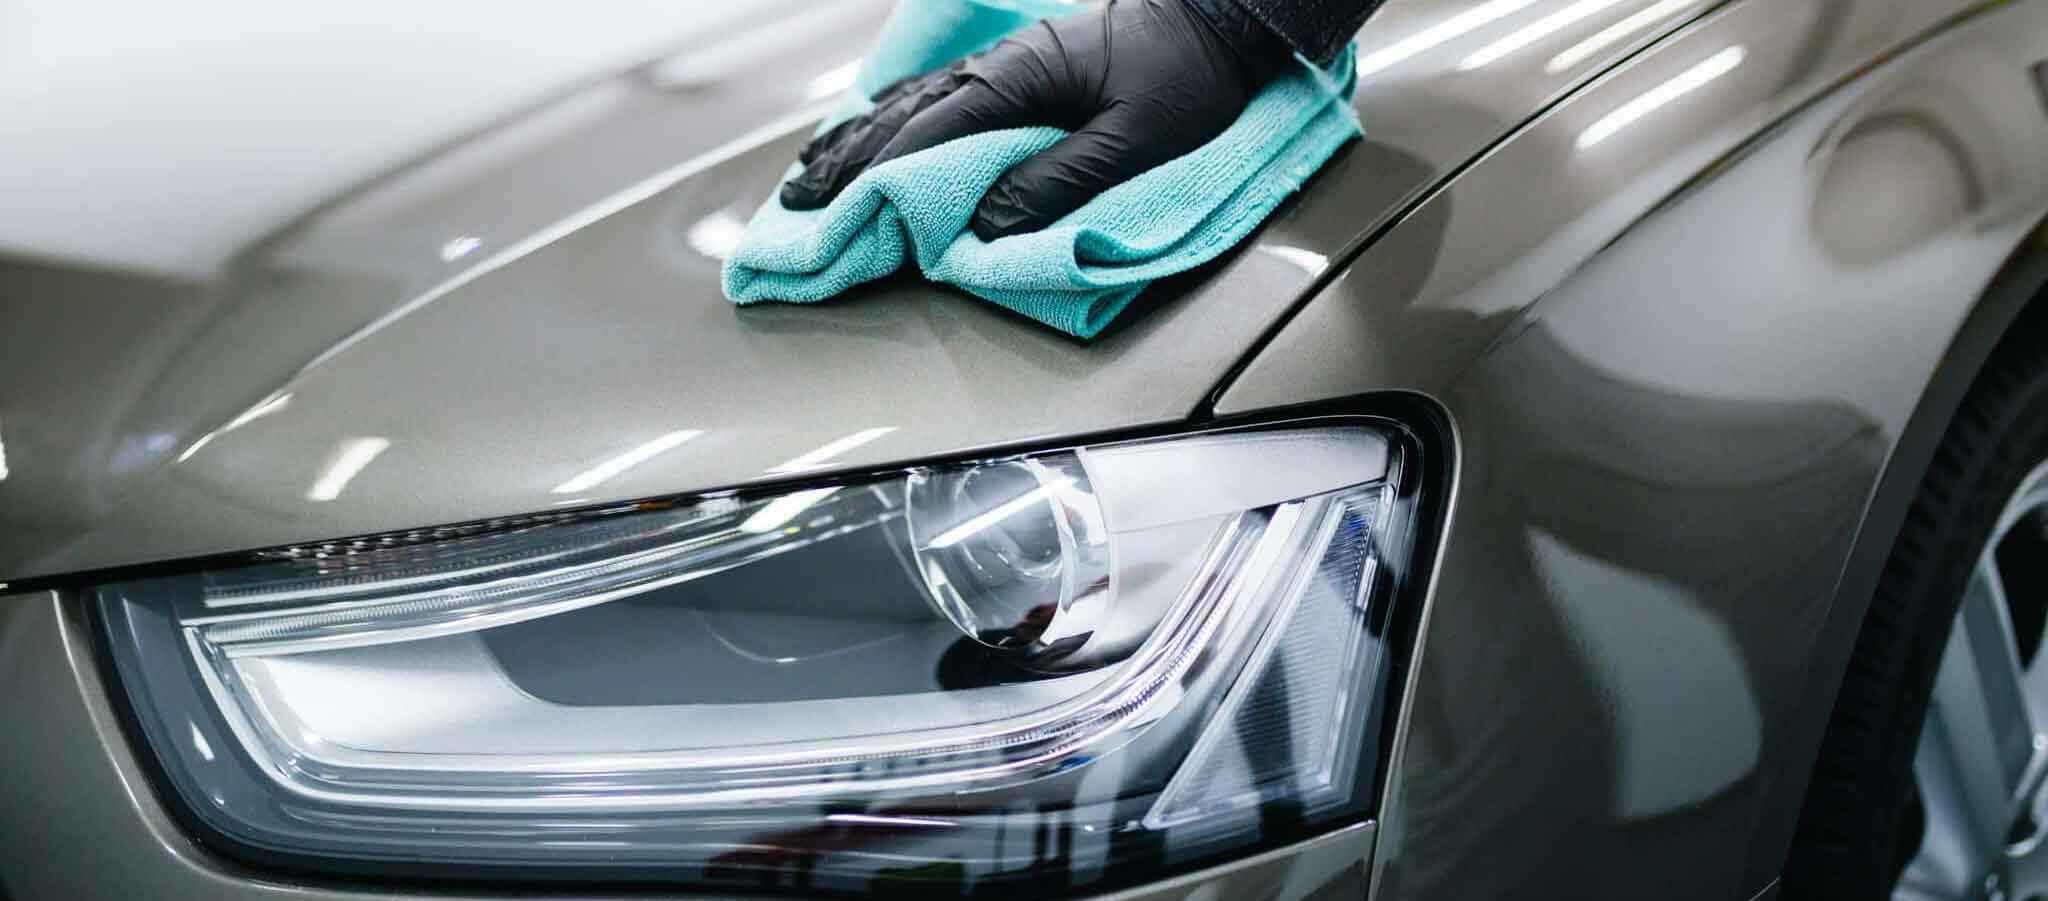 meilleur nettoyage à sec sans eau voiture comparatif guide d'achat